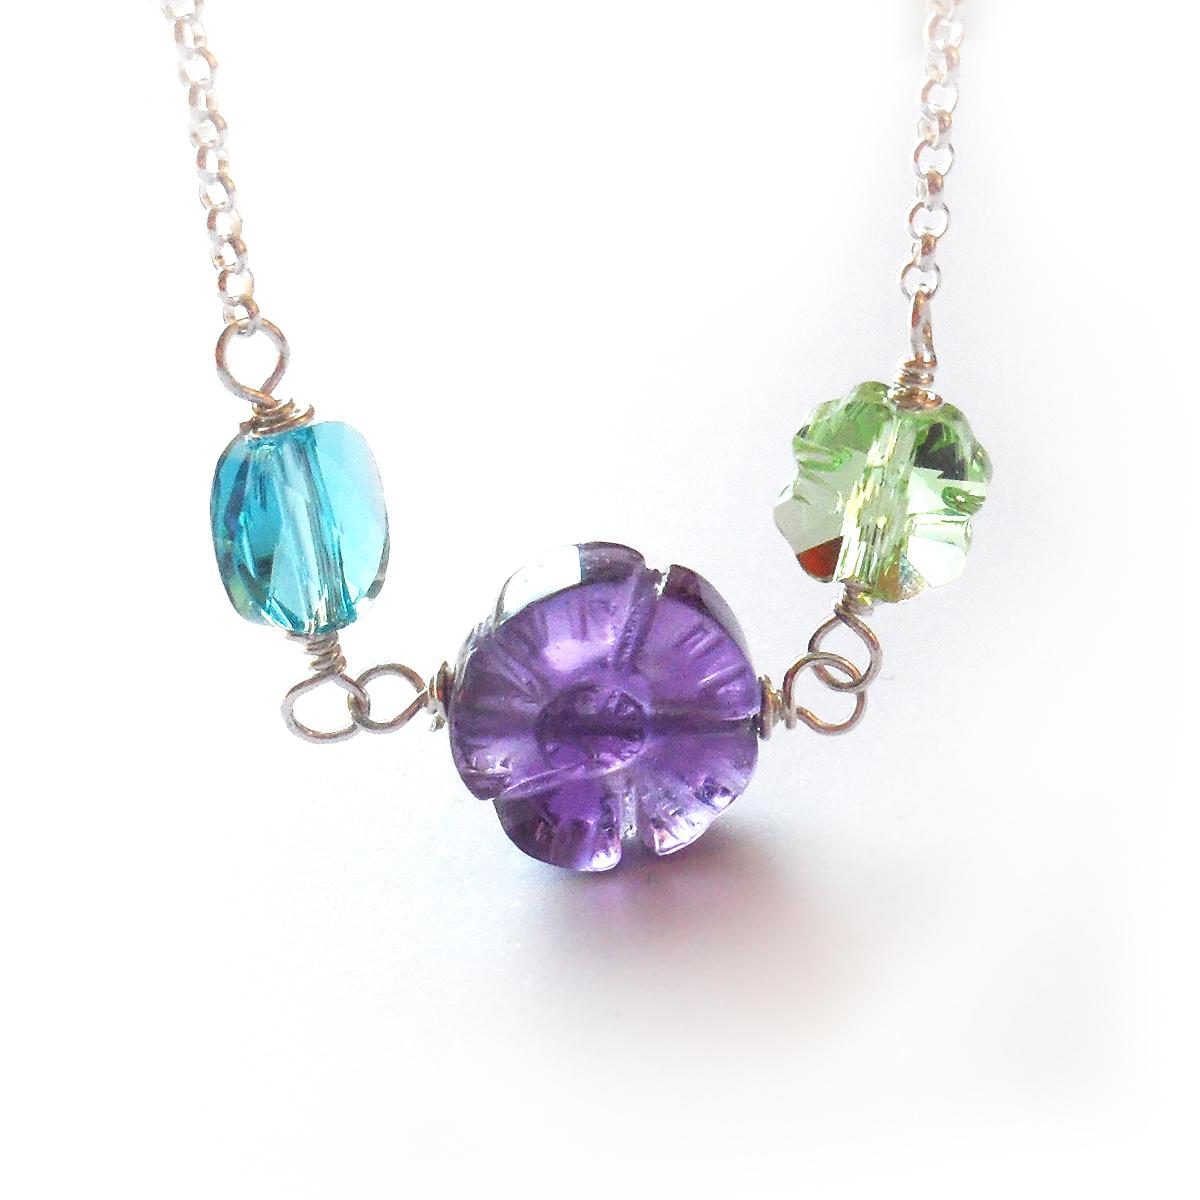 collar-lucia-con-flor-de-piedra-natural-amatista-y-cristales-de-swarovski-verde-y-azul